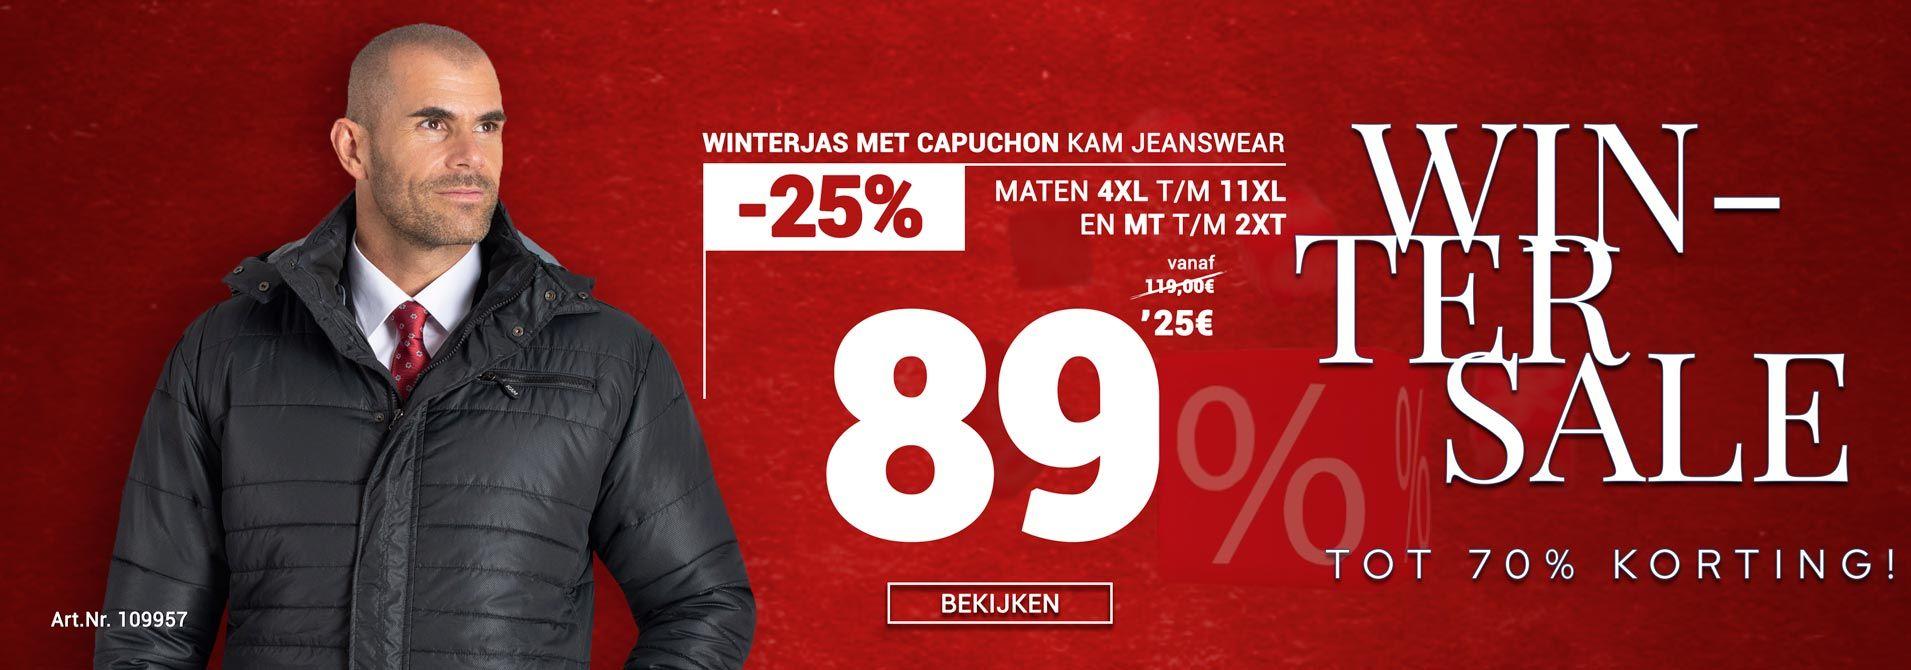 KAM jeanswear Winterjas